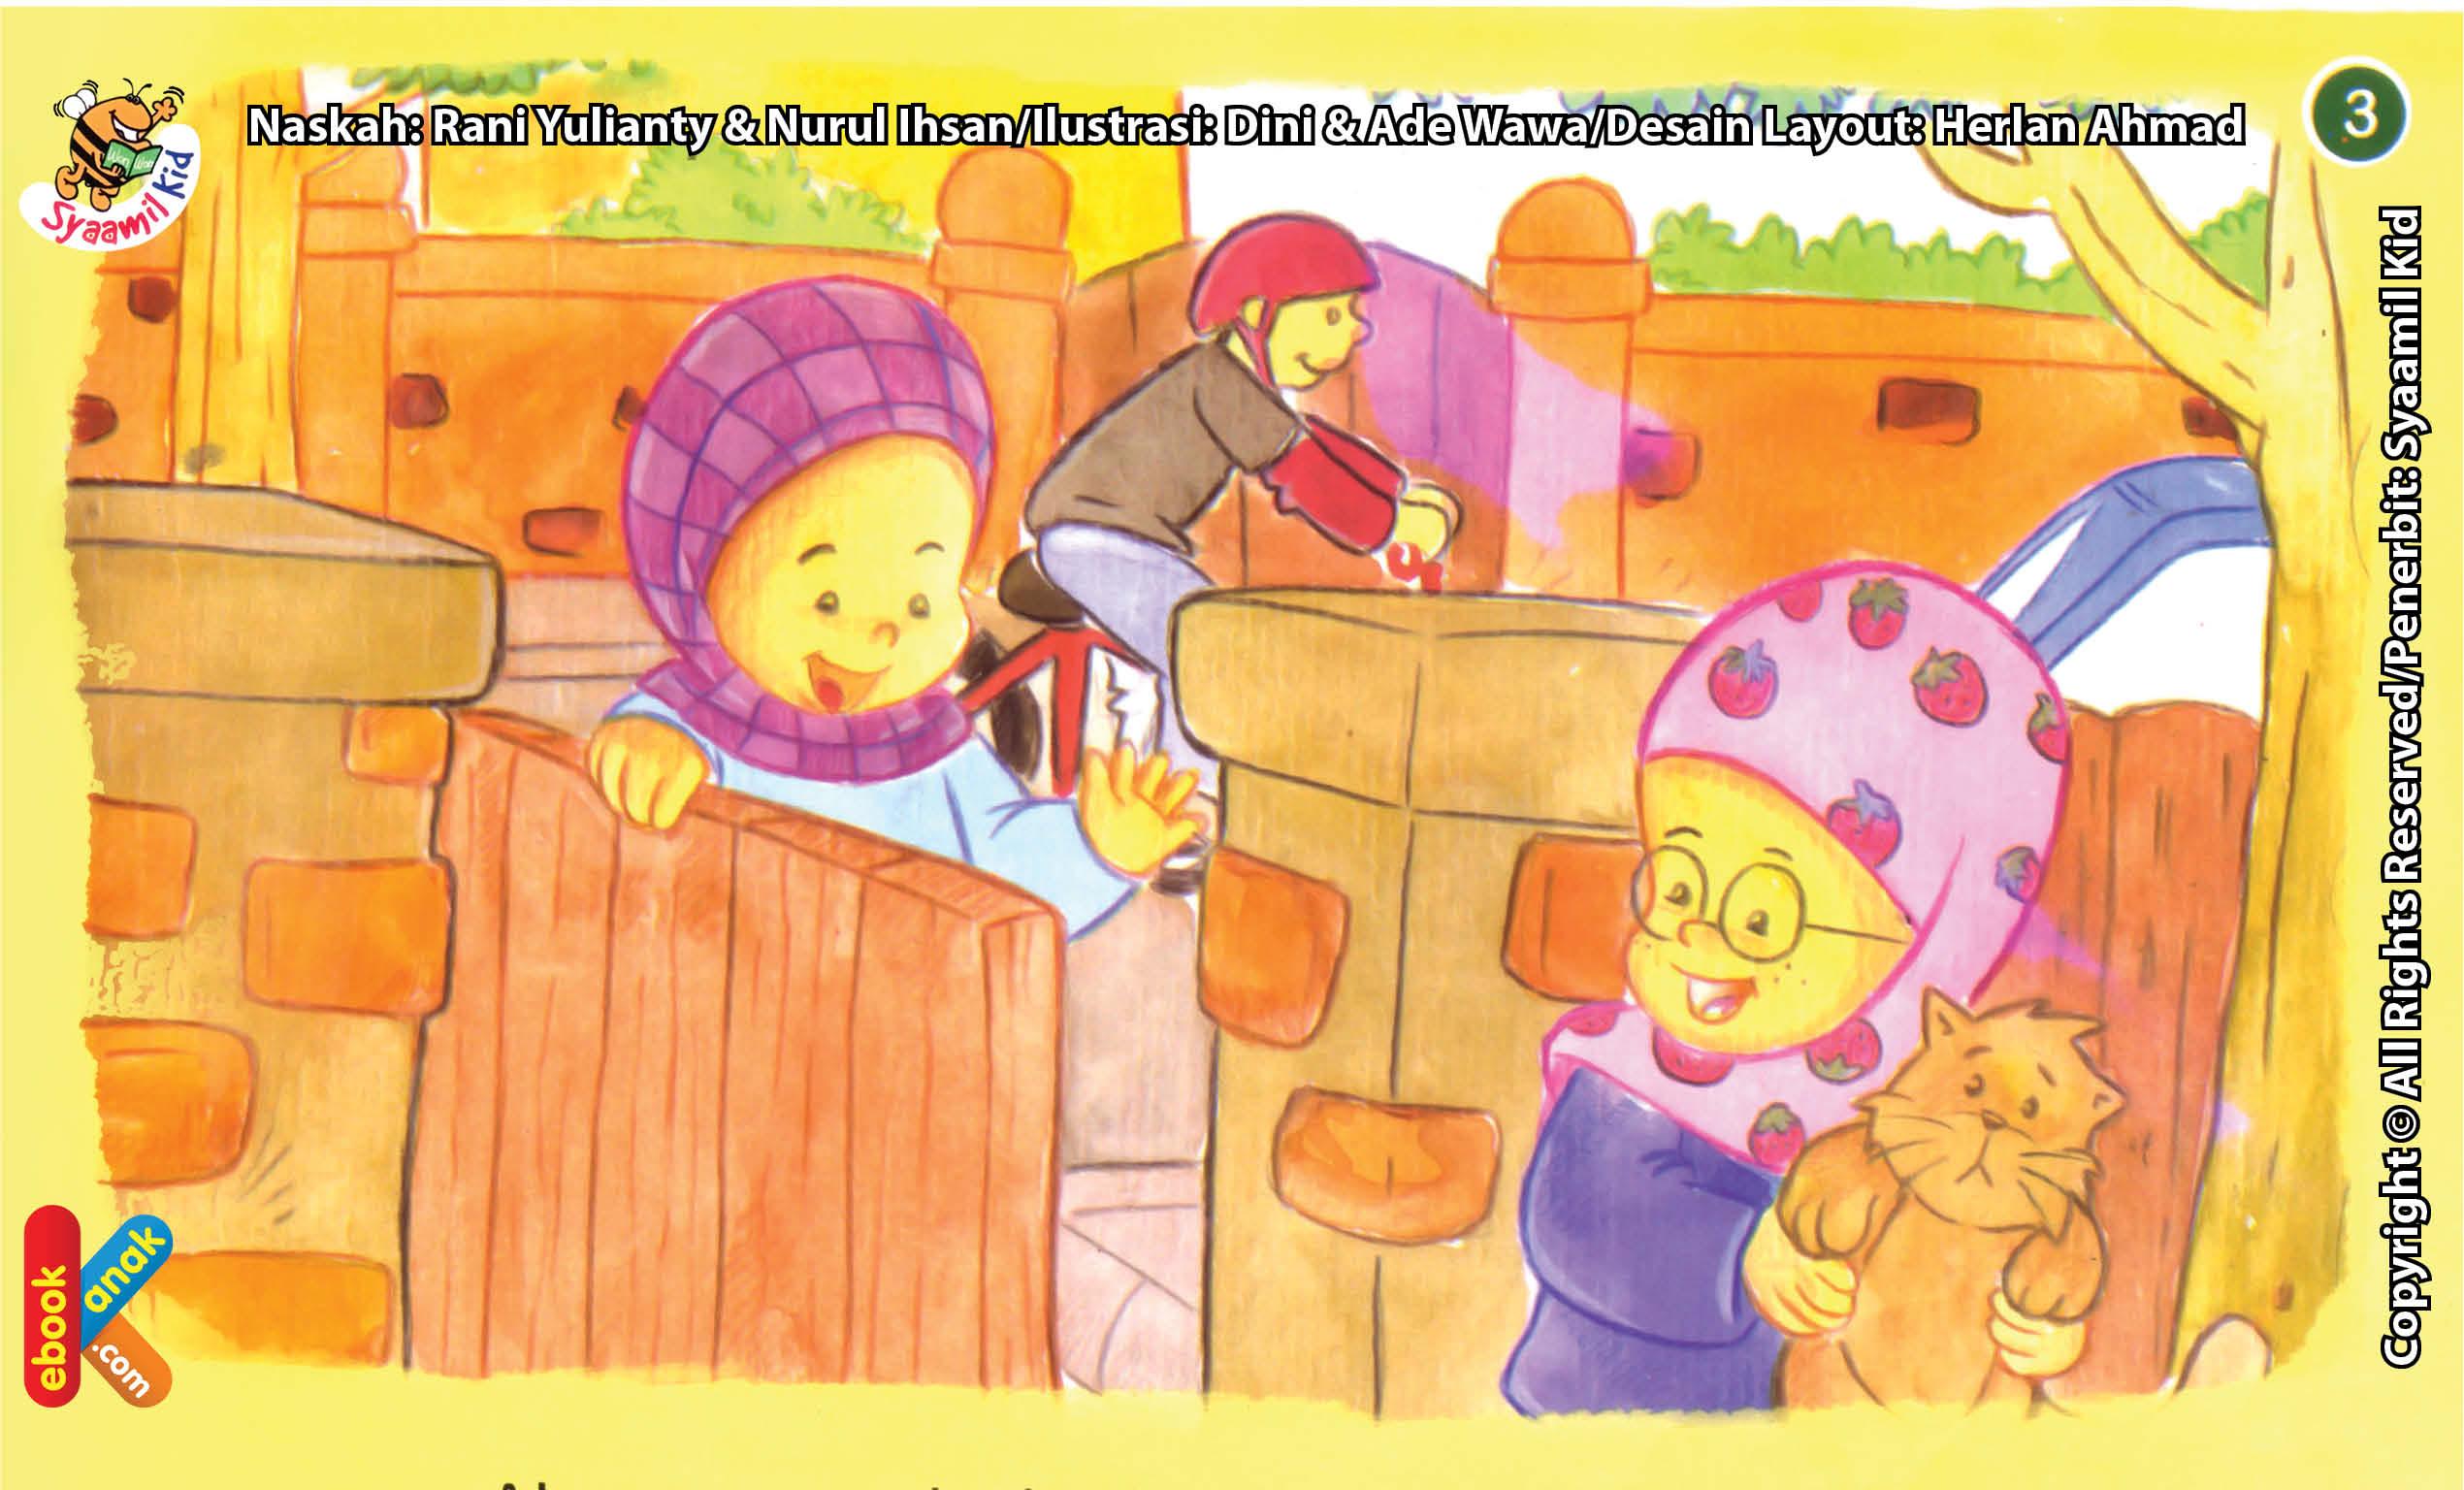 ilustrasi seri kebiasaan anak shalih berkunjung ke rumah teman untuk silaturahim